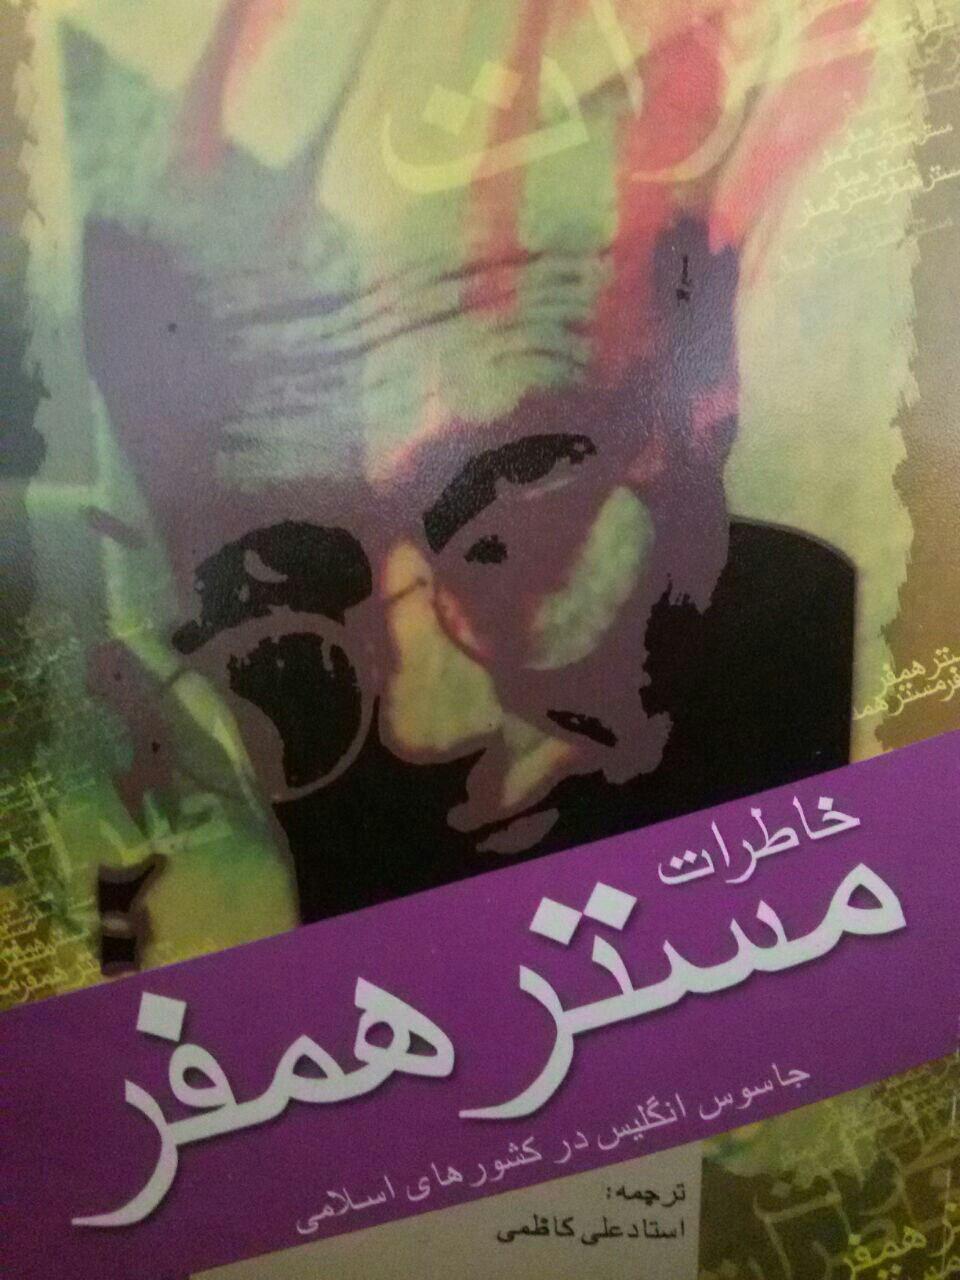 دانلود رایگان کتاب صوتی مستر همفر جاسوس انگلیس در کشورهای اسلامی ترجمه علی کاظمی mp3